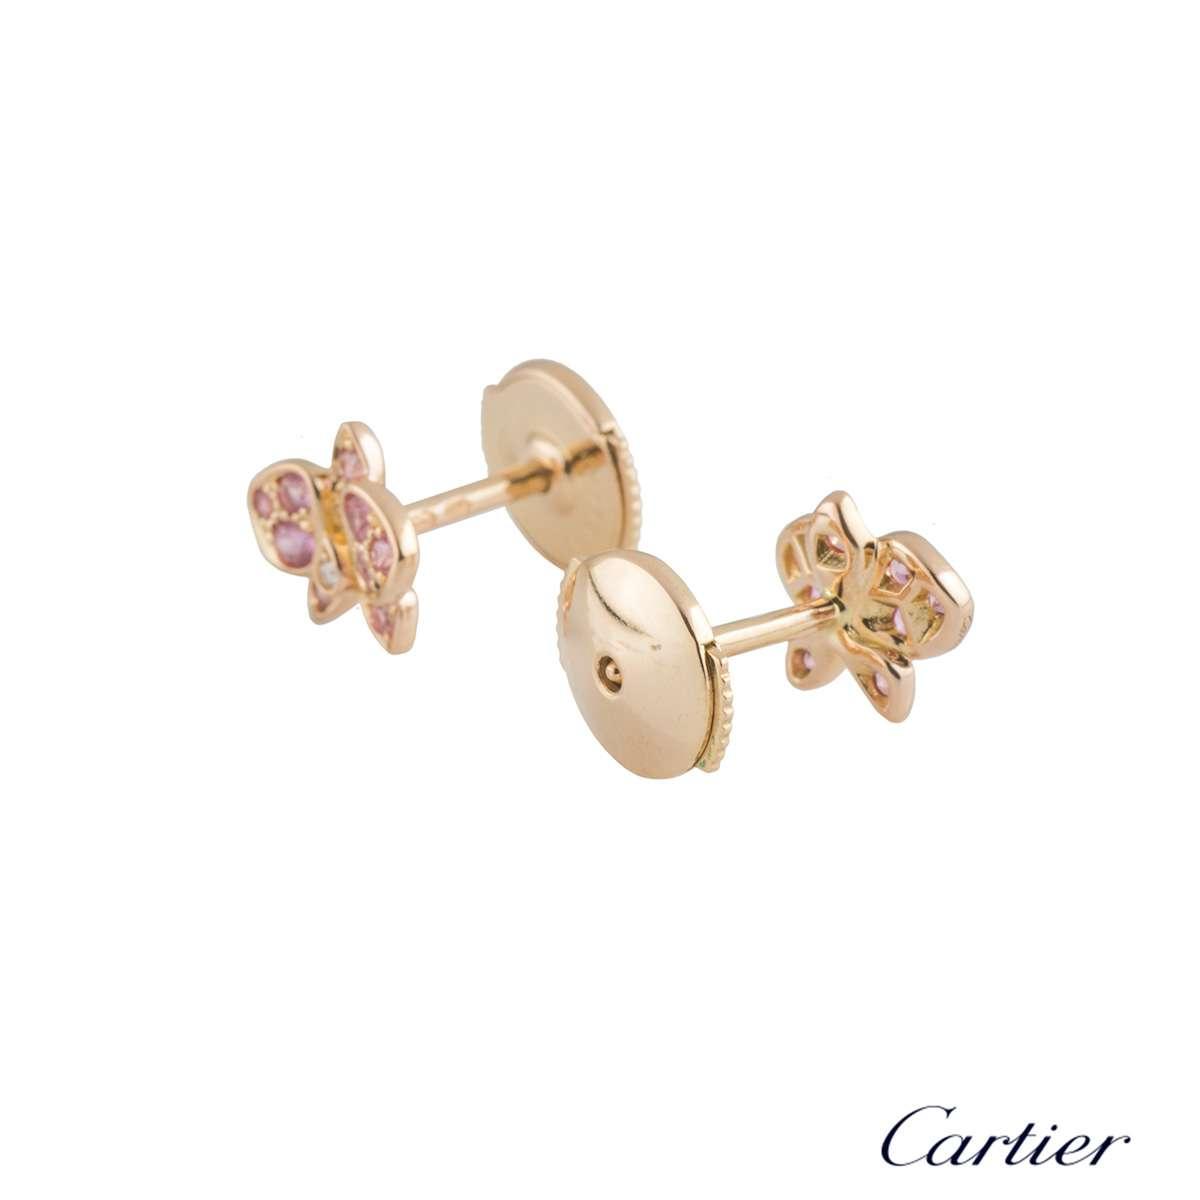 Cartier Rose Gold Caresse DOrchidées Earrings B8044600